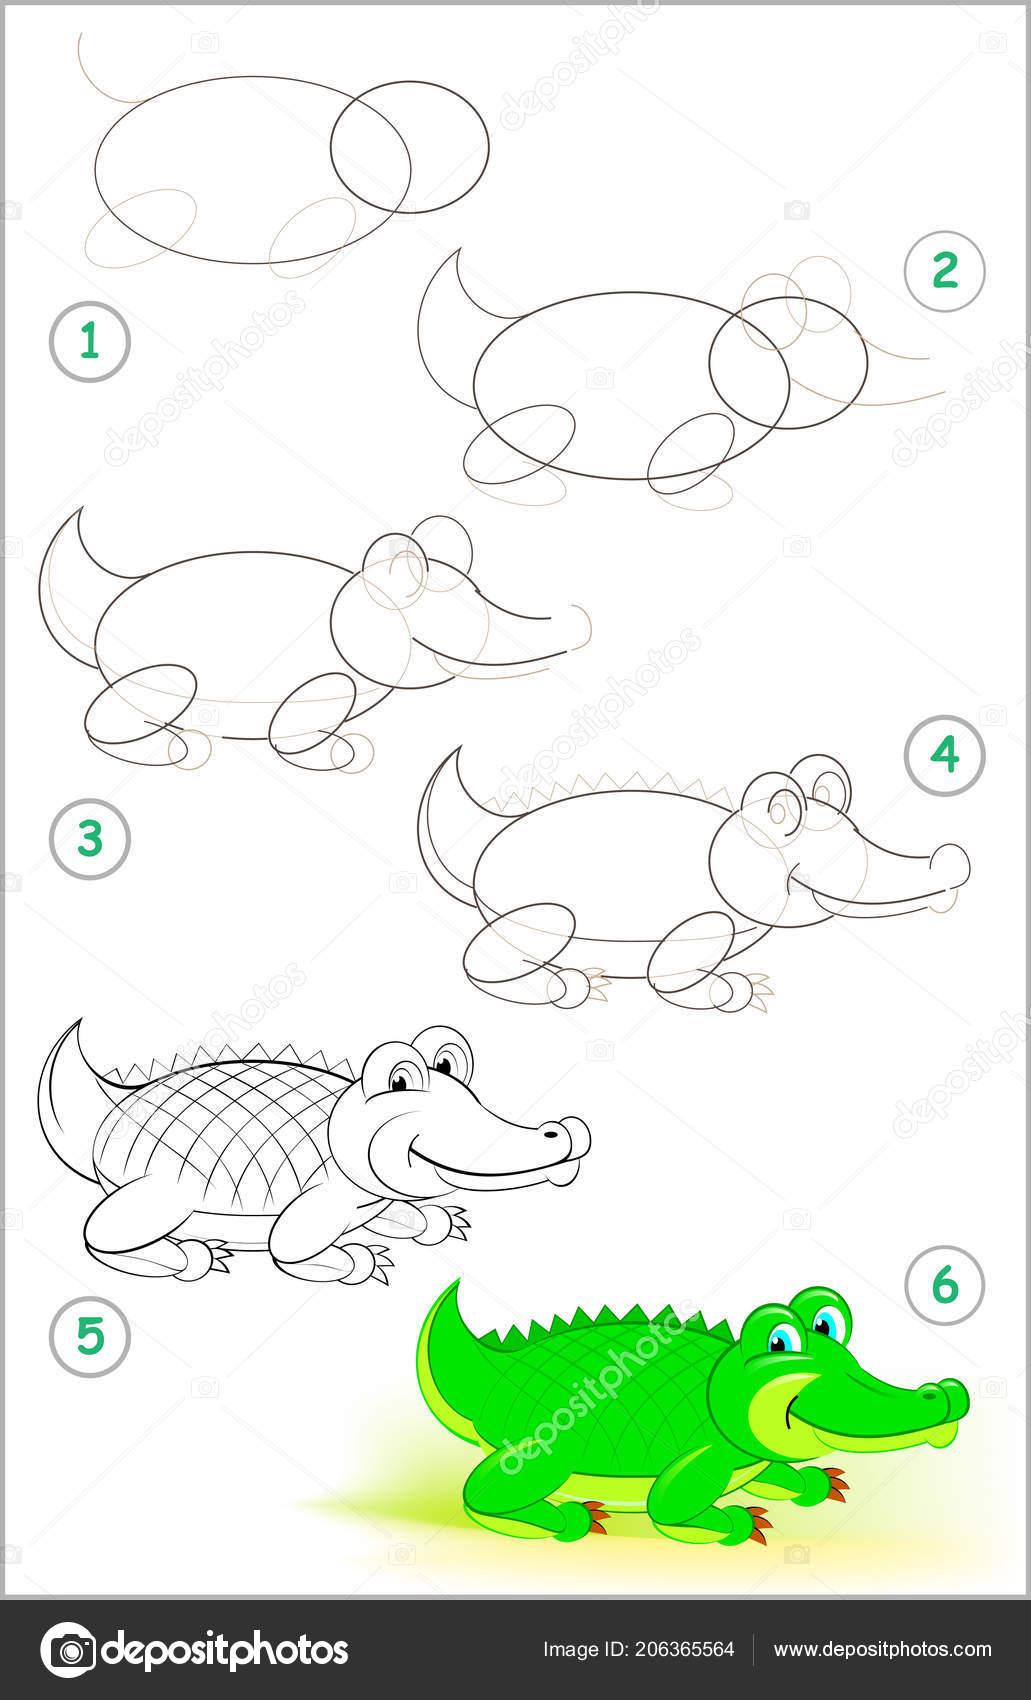 Pagina Mostra Come Imparare Passo Passo Disegnare Coccodrillo Carino